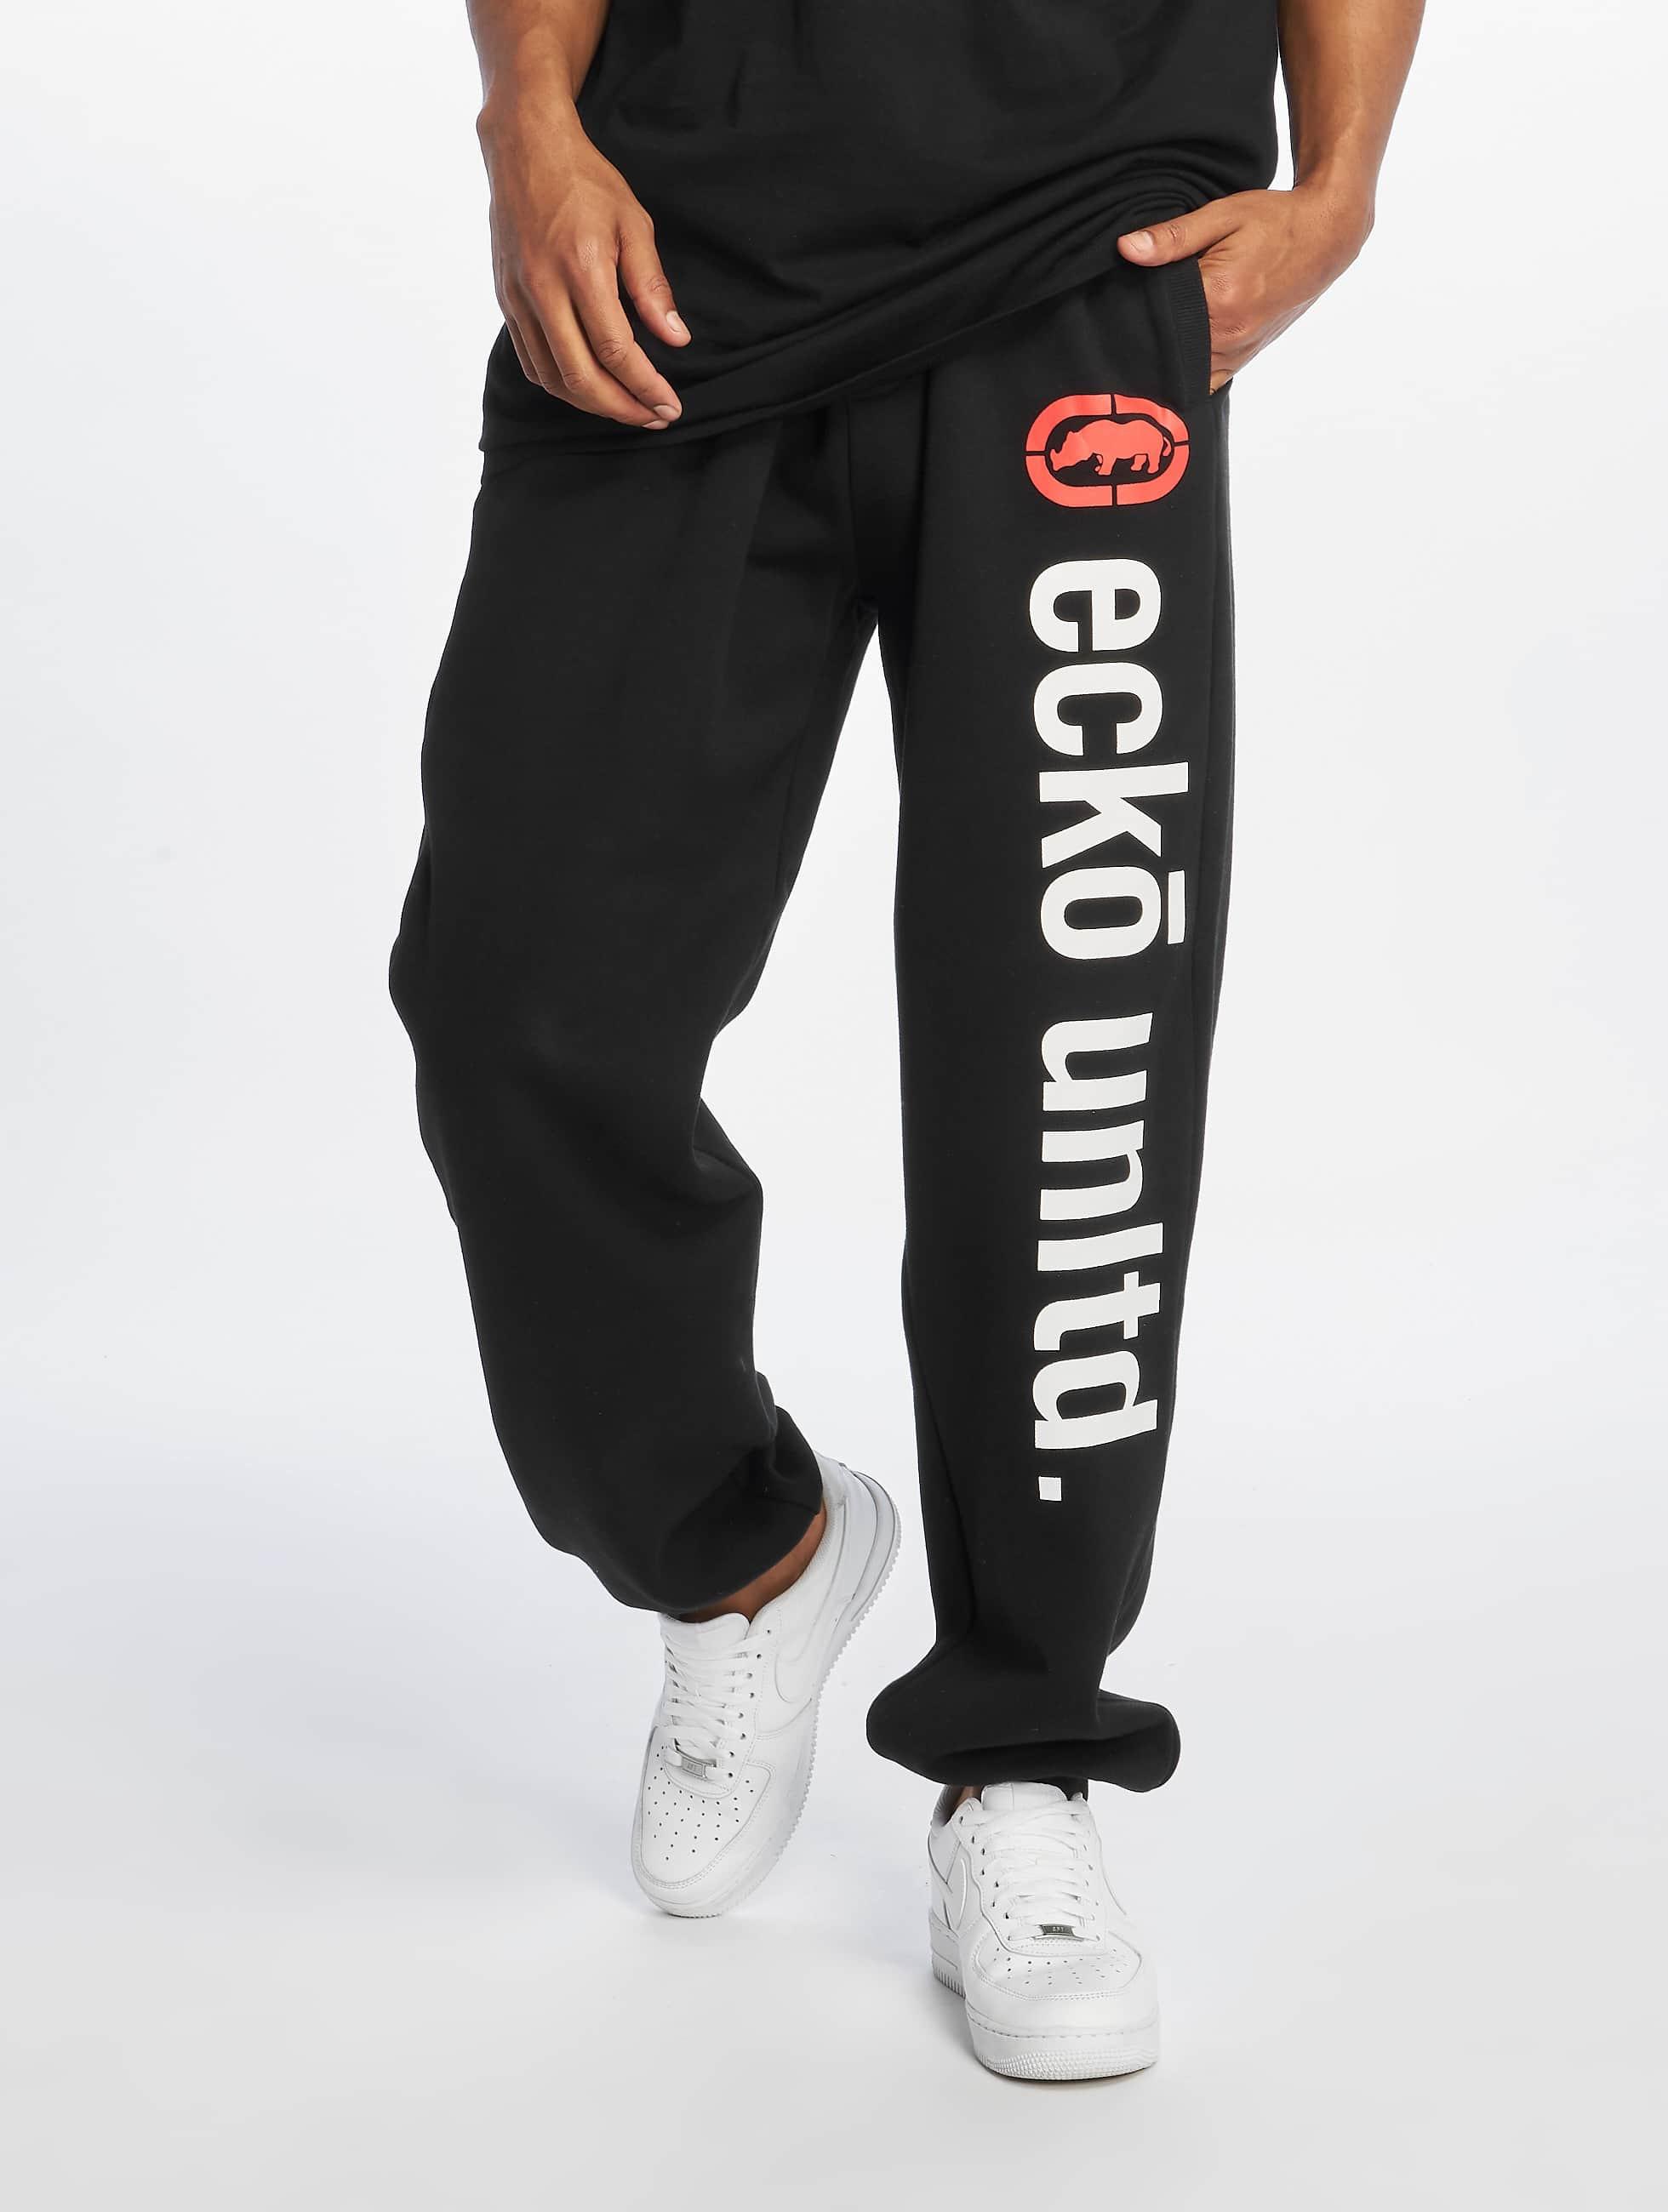 Ecko Unltd. Männer Jogginghose 2Face in schwarz